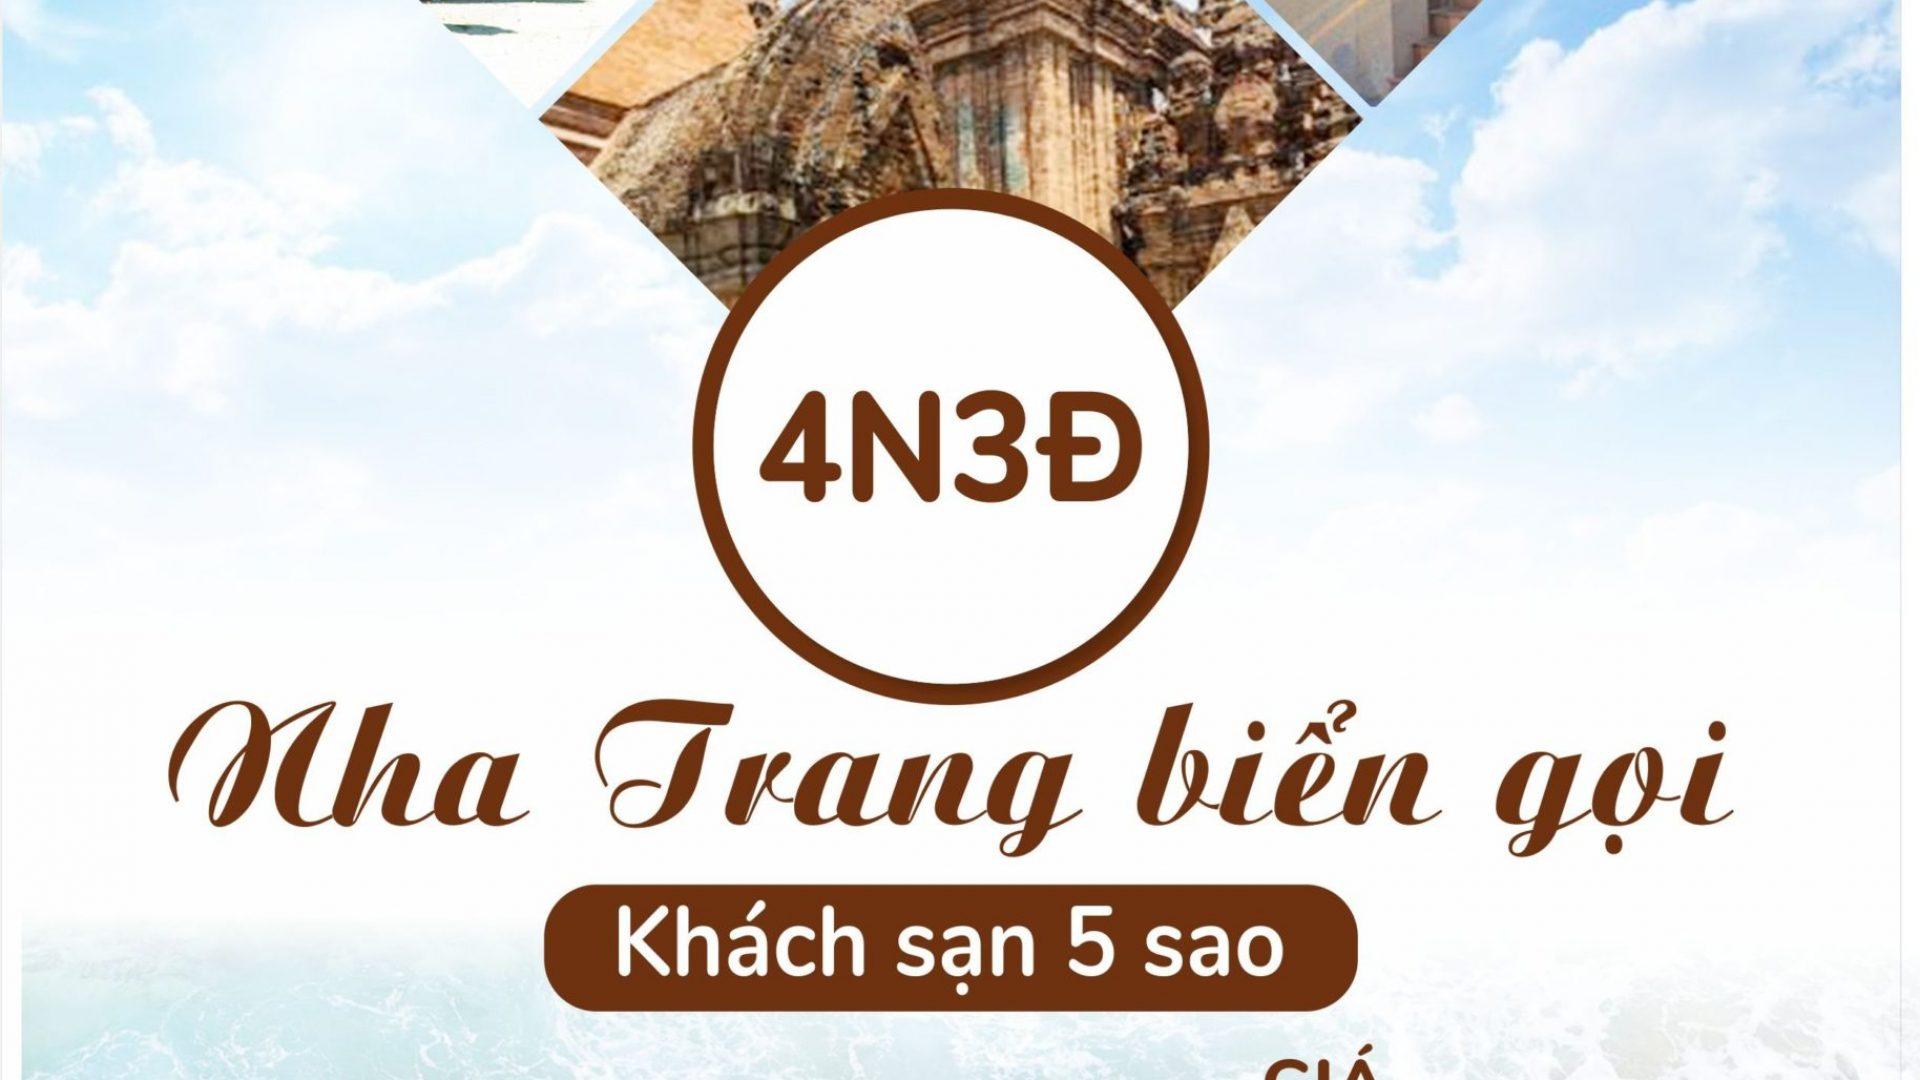 Kich Cau 31.1 4n3d 5 sao